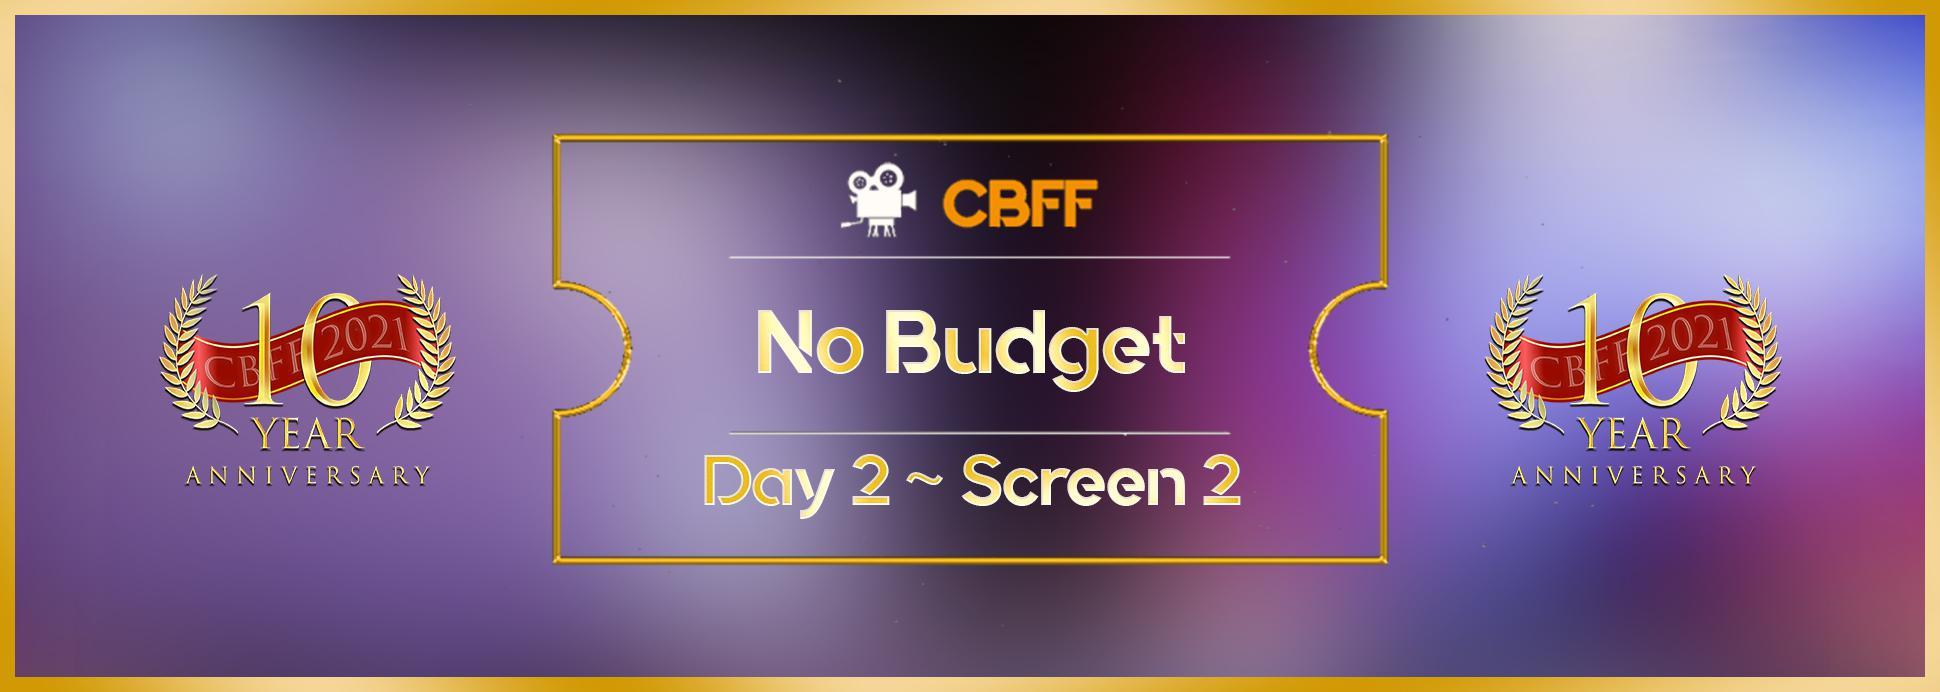 Day 2, Screen 2: No Budget Shorts